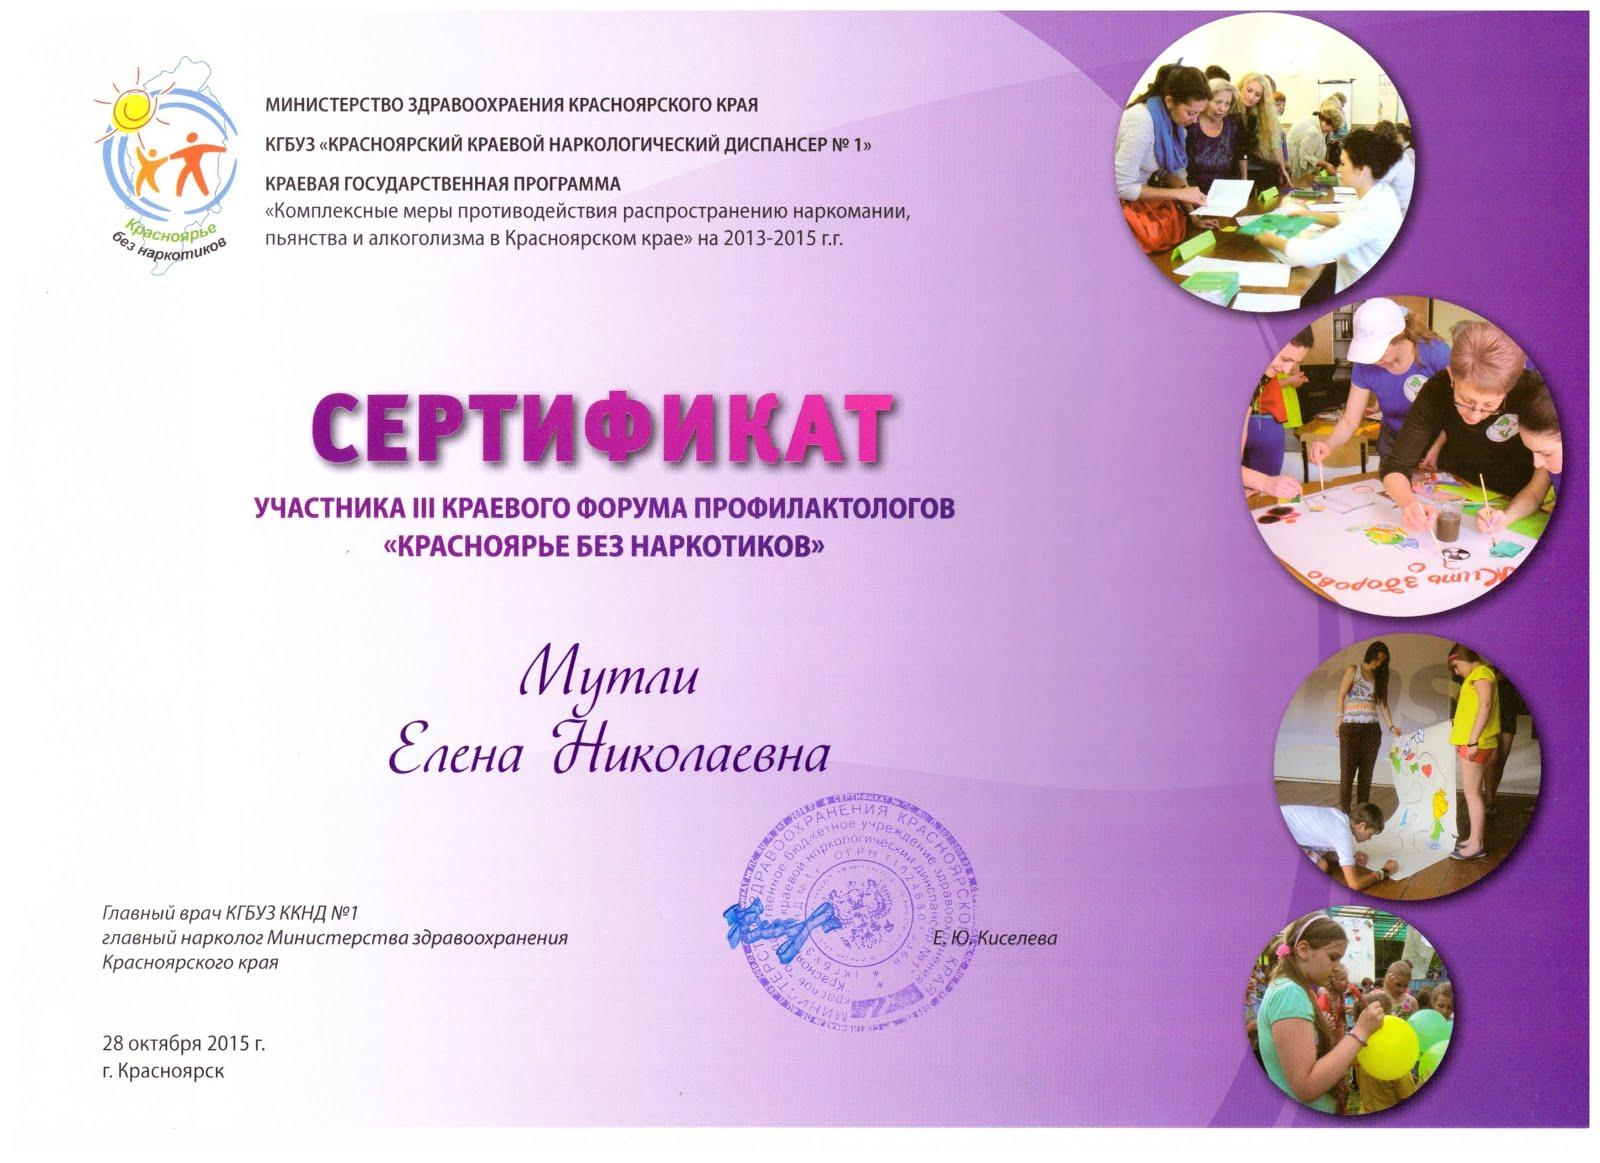 III Краевой форум профилактологов